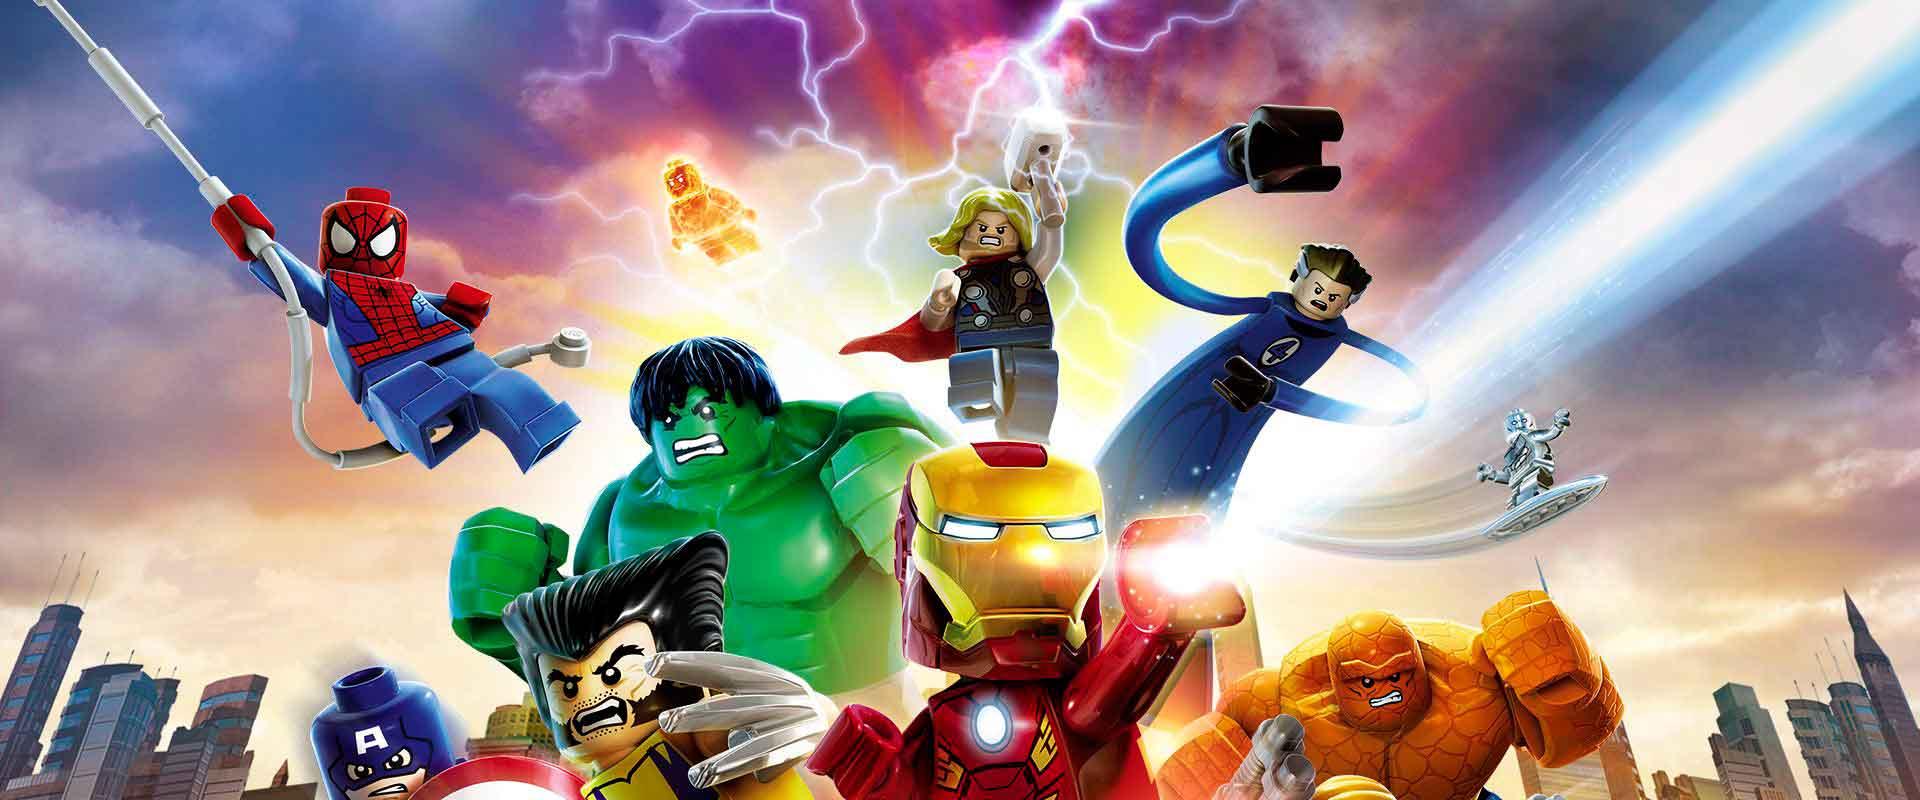 Dibujos para colorear de los vengadores dibujos para colorear - Jeux de lego avengers gratuit ...